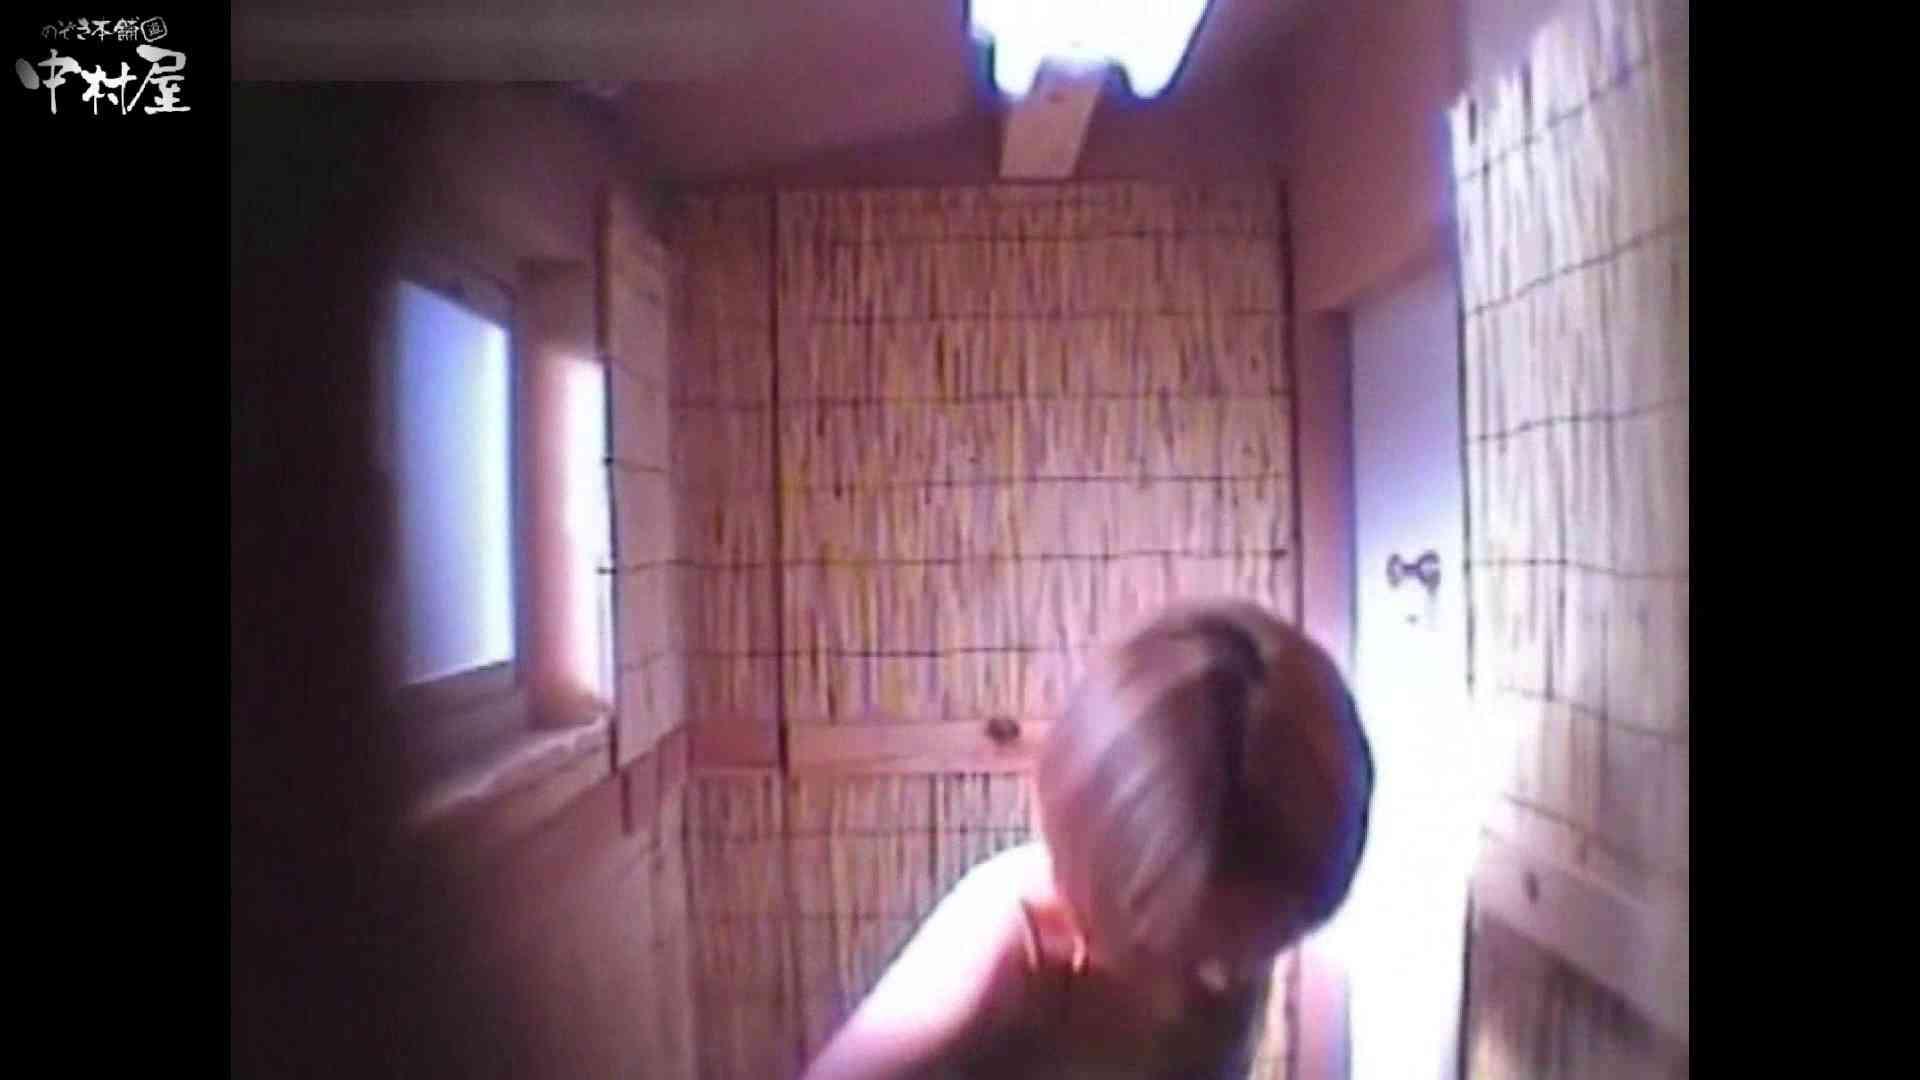 解禁!海の家4カメ洗面所vol.45 ギャルのエロ動画 盗み撮り動画 90PIX 20